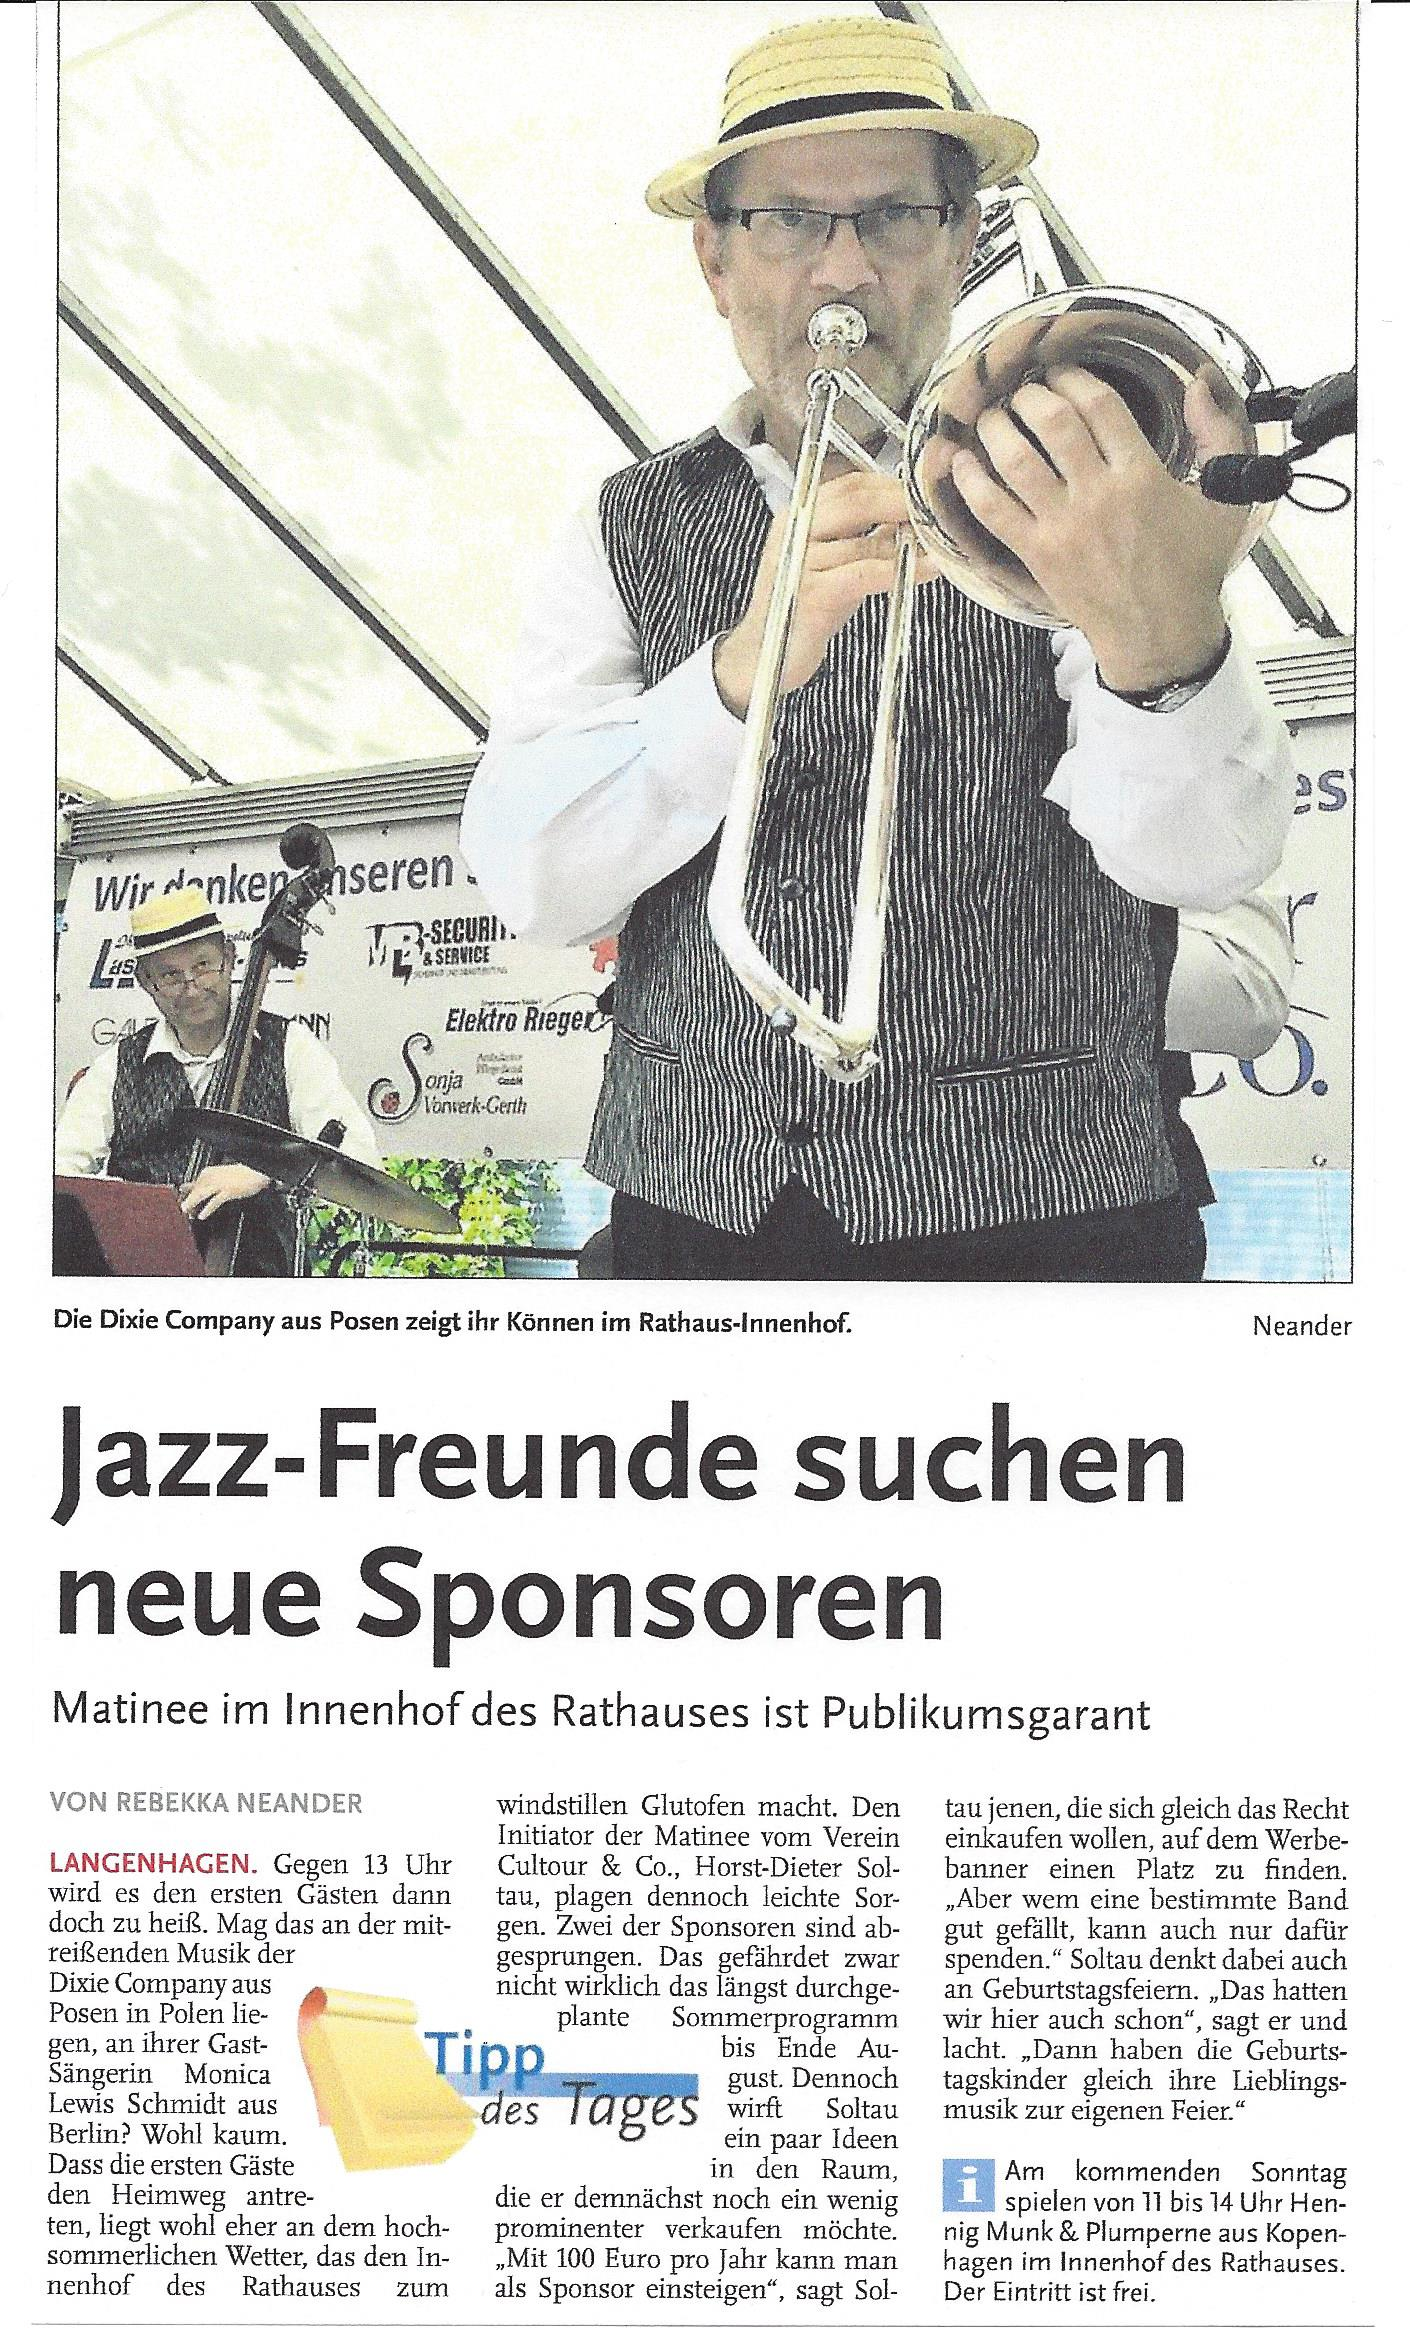 Jazz-Freunde suchen neue Sponsoren